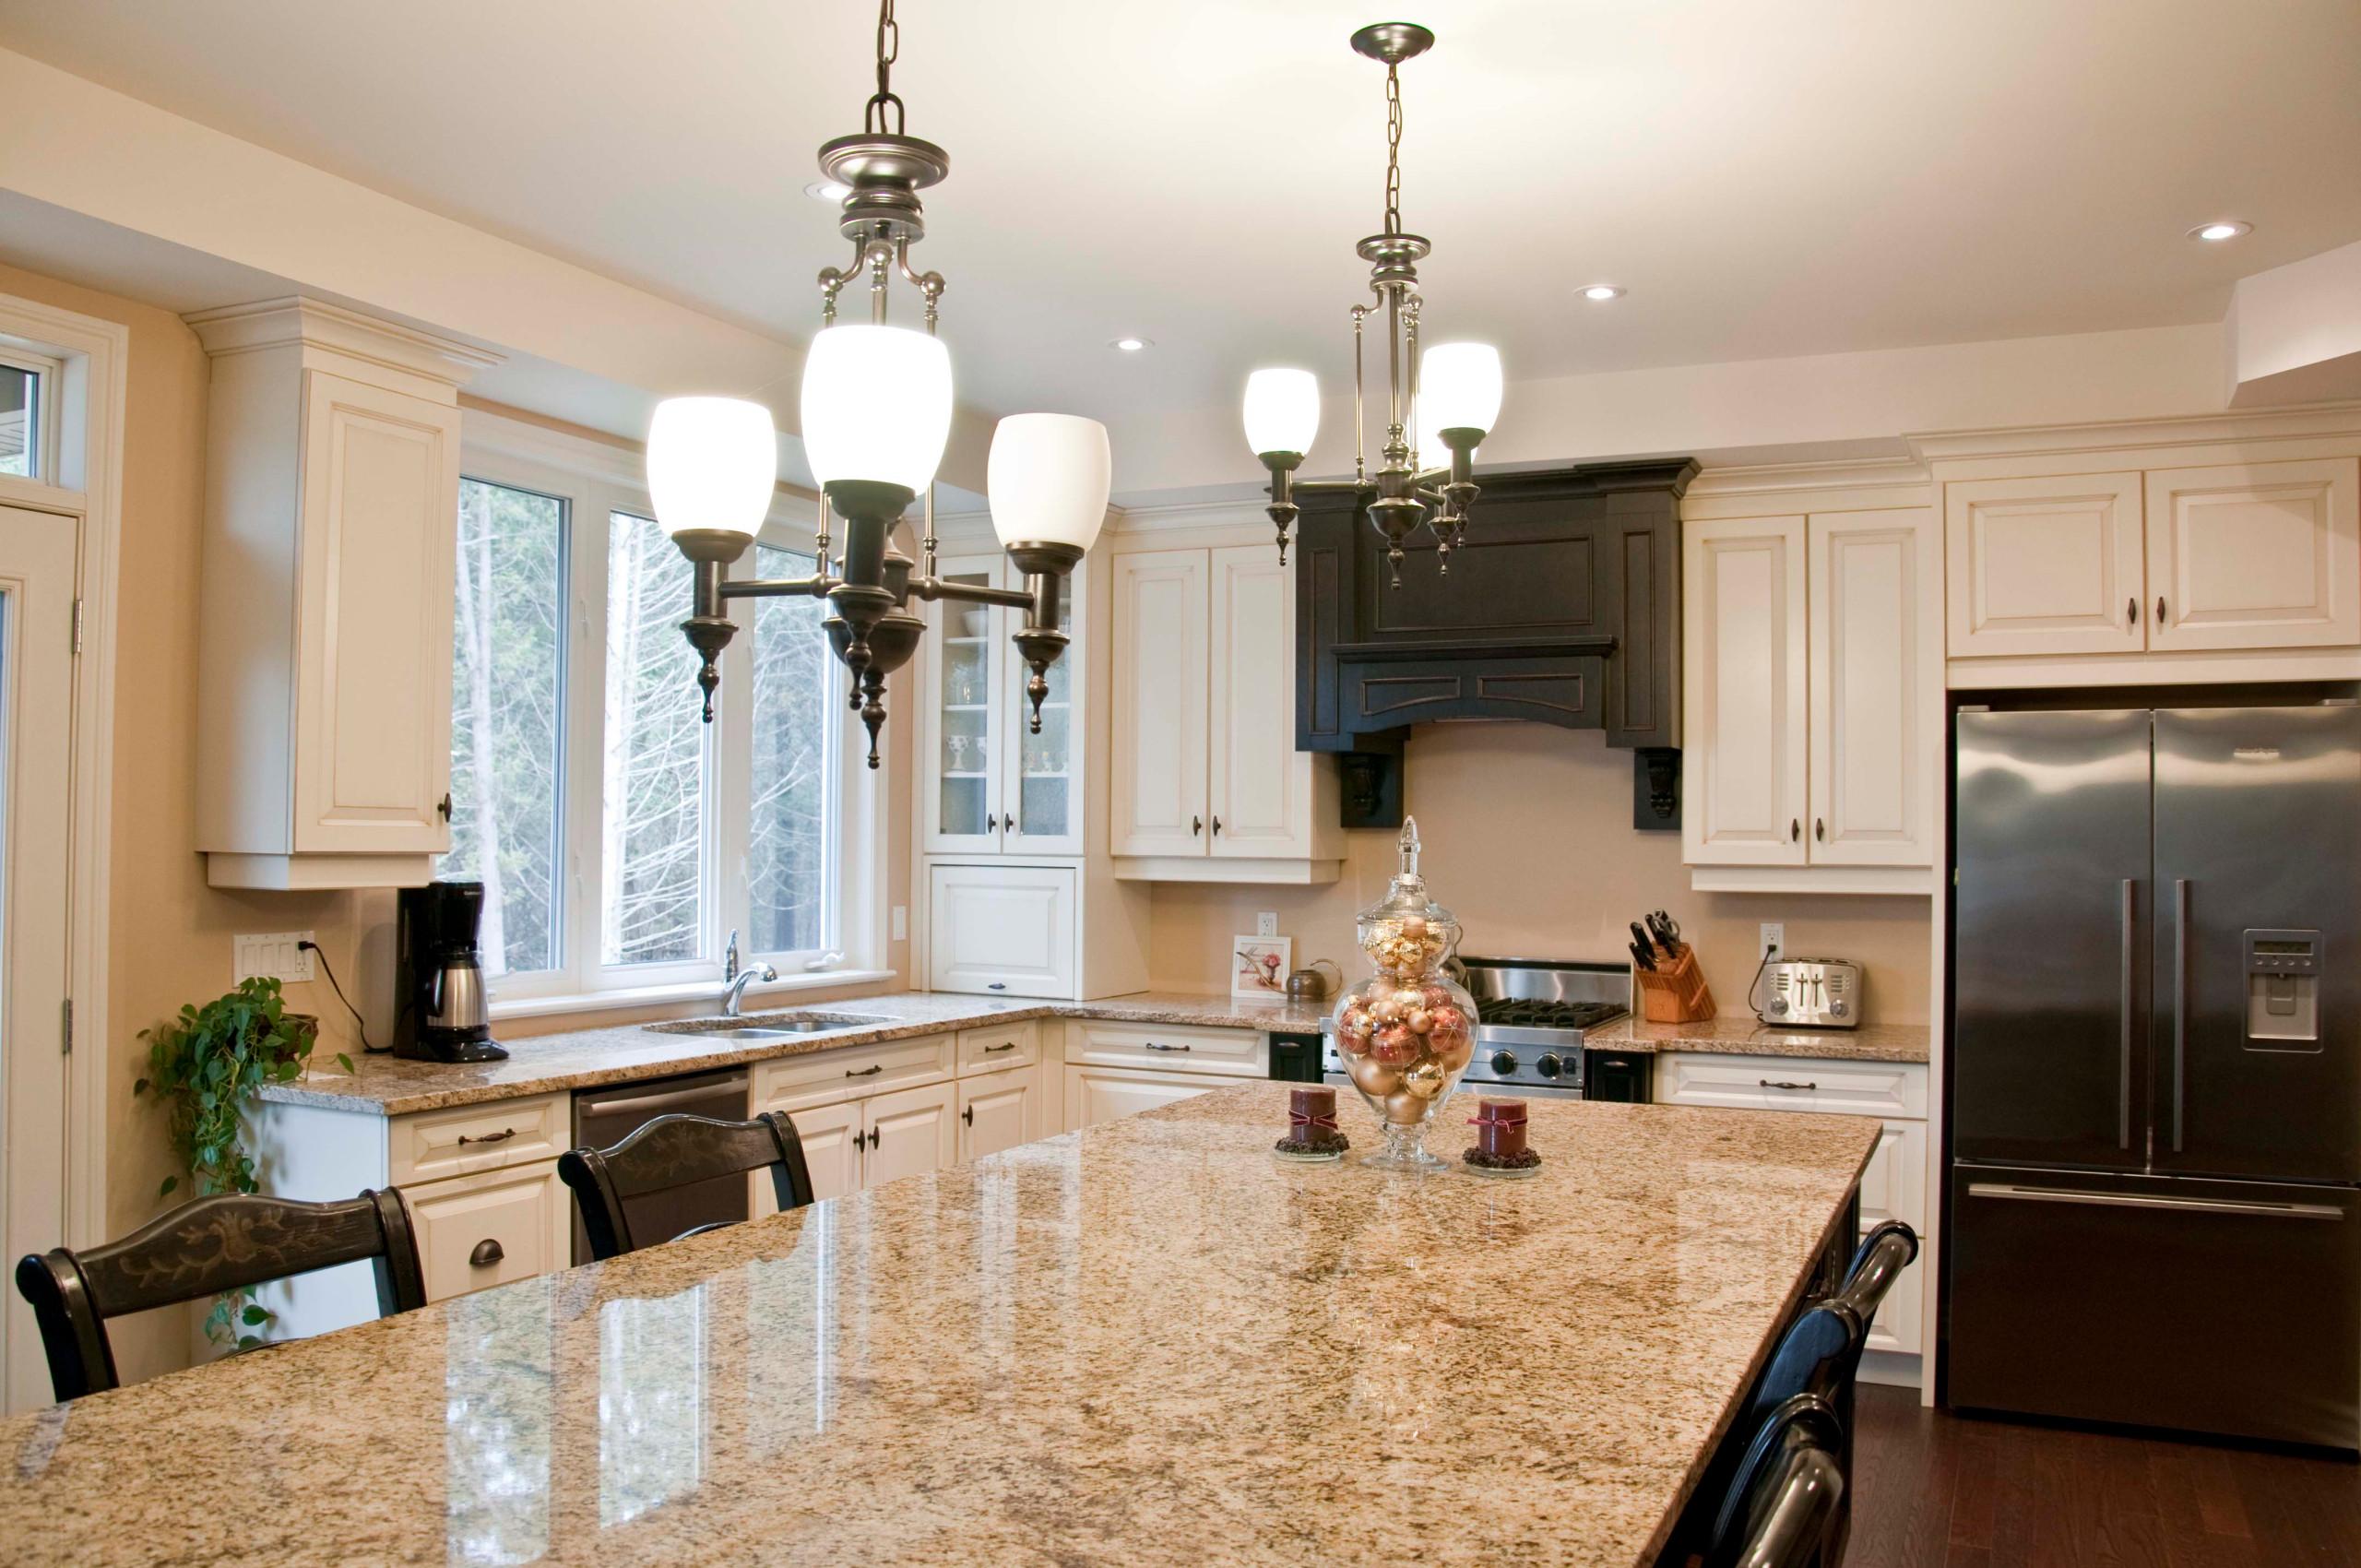 A kitchen without a backsplash